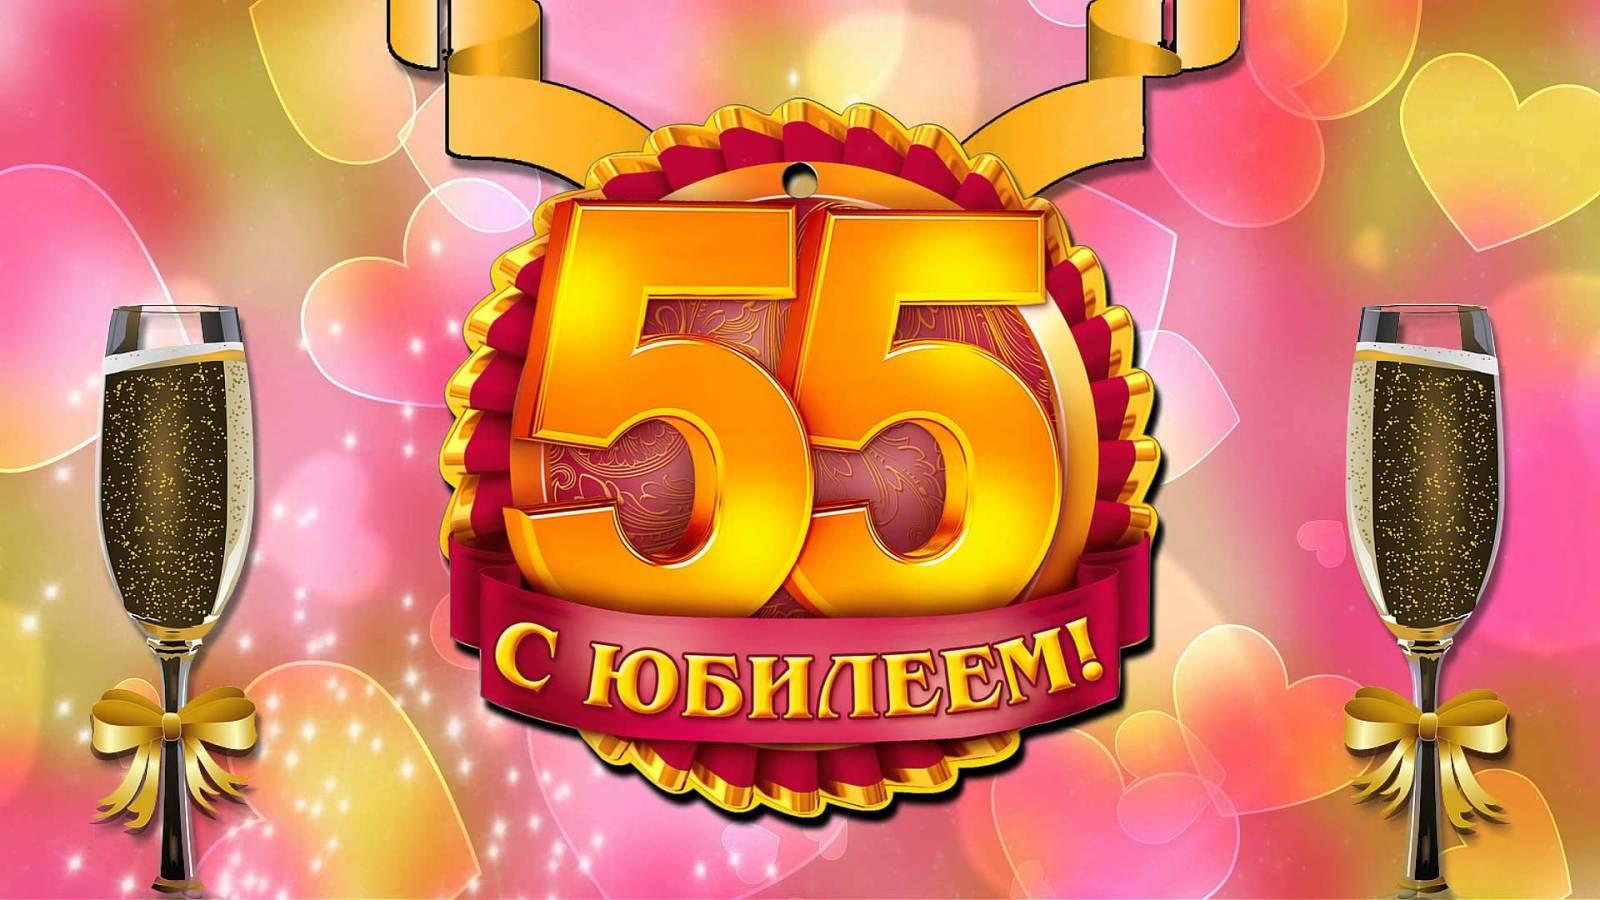 Поздравления с днем рождения мужчинам 55лет